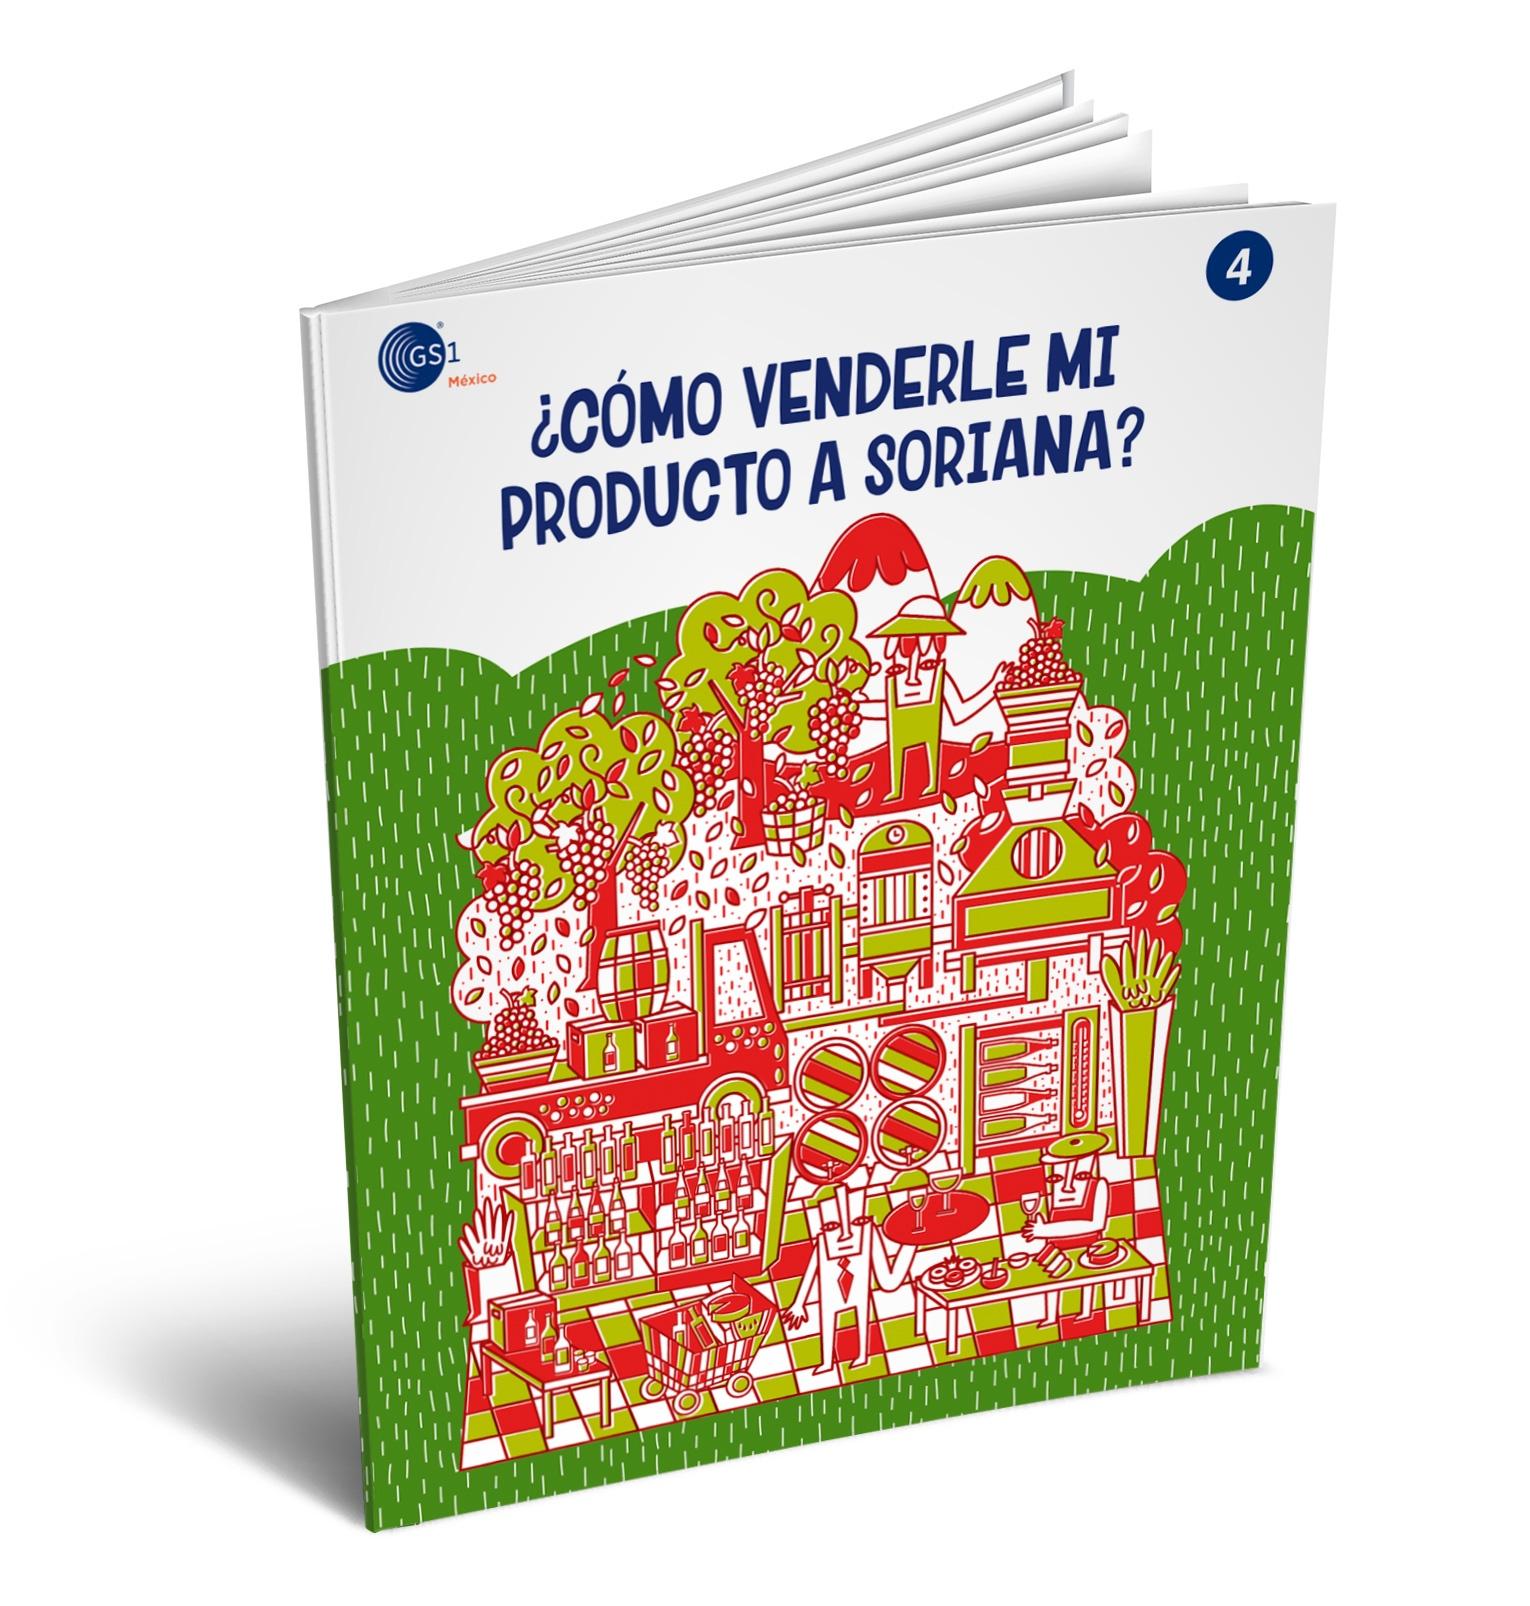 Portada Soriana Cómo Vender mi producto a Soriana GS1 Mexico 2018